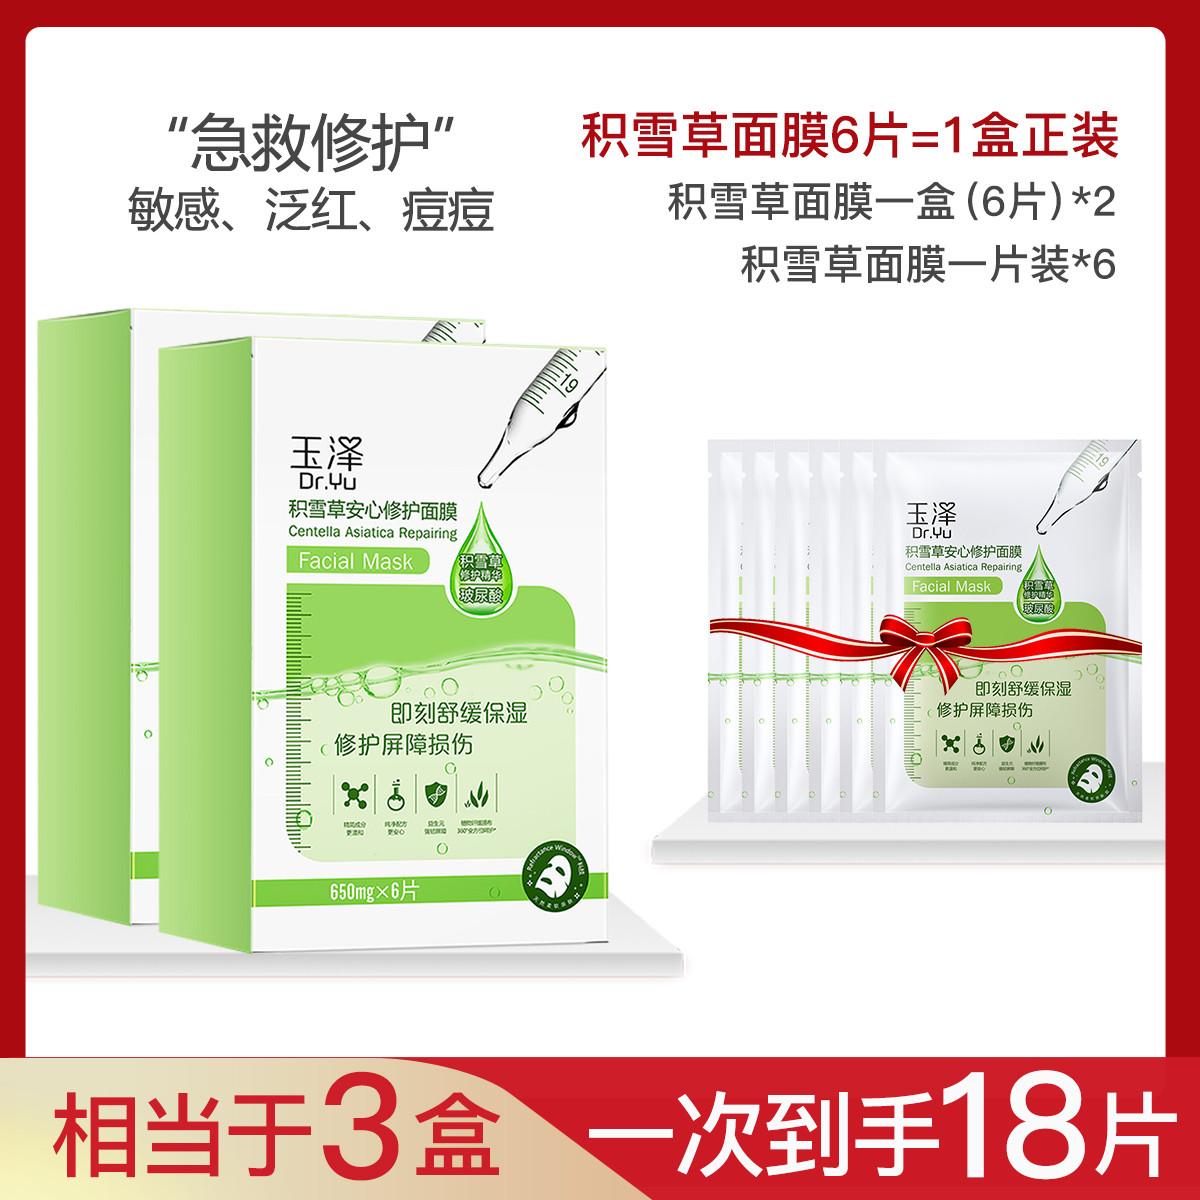 唯品会好货精选李佳琦推荐修护敏感肌玻尿酸保湿积雪草安心修护干面膜2盒+6片